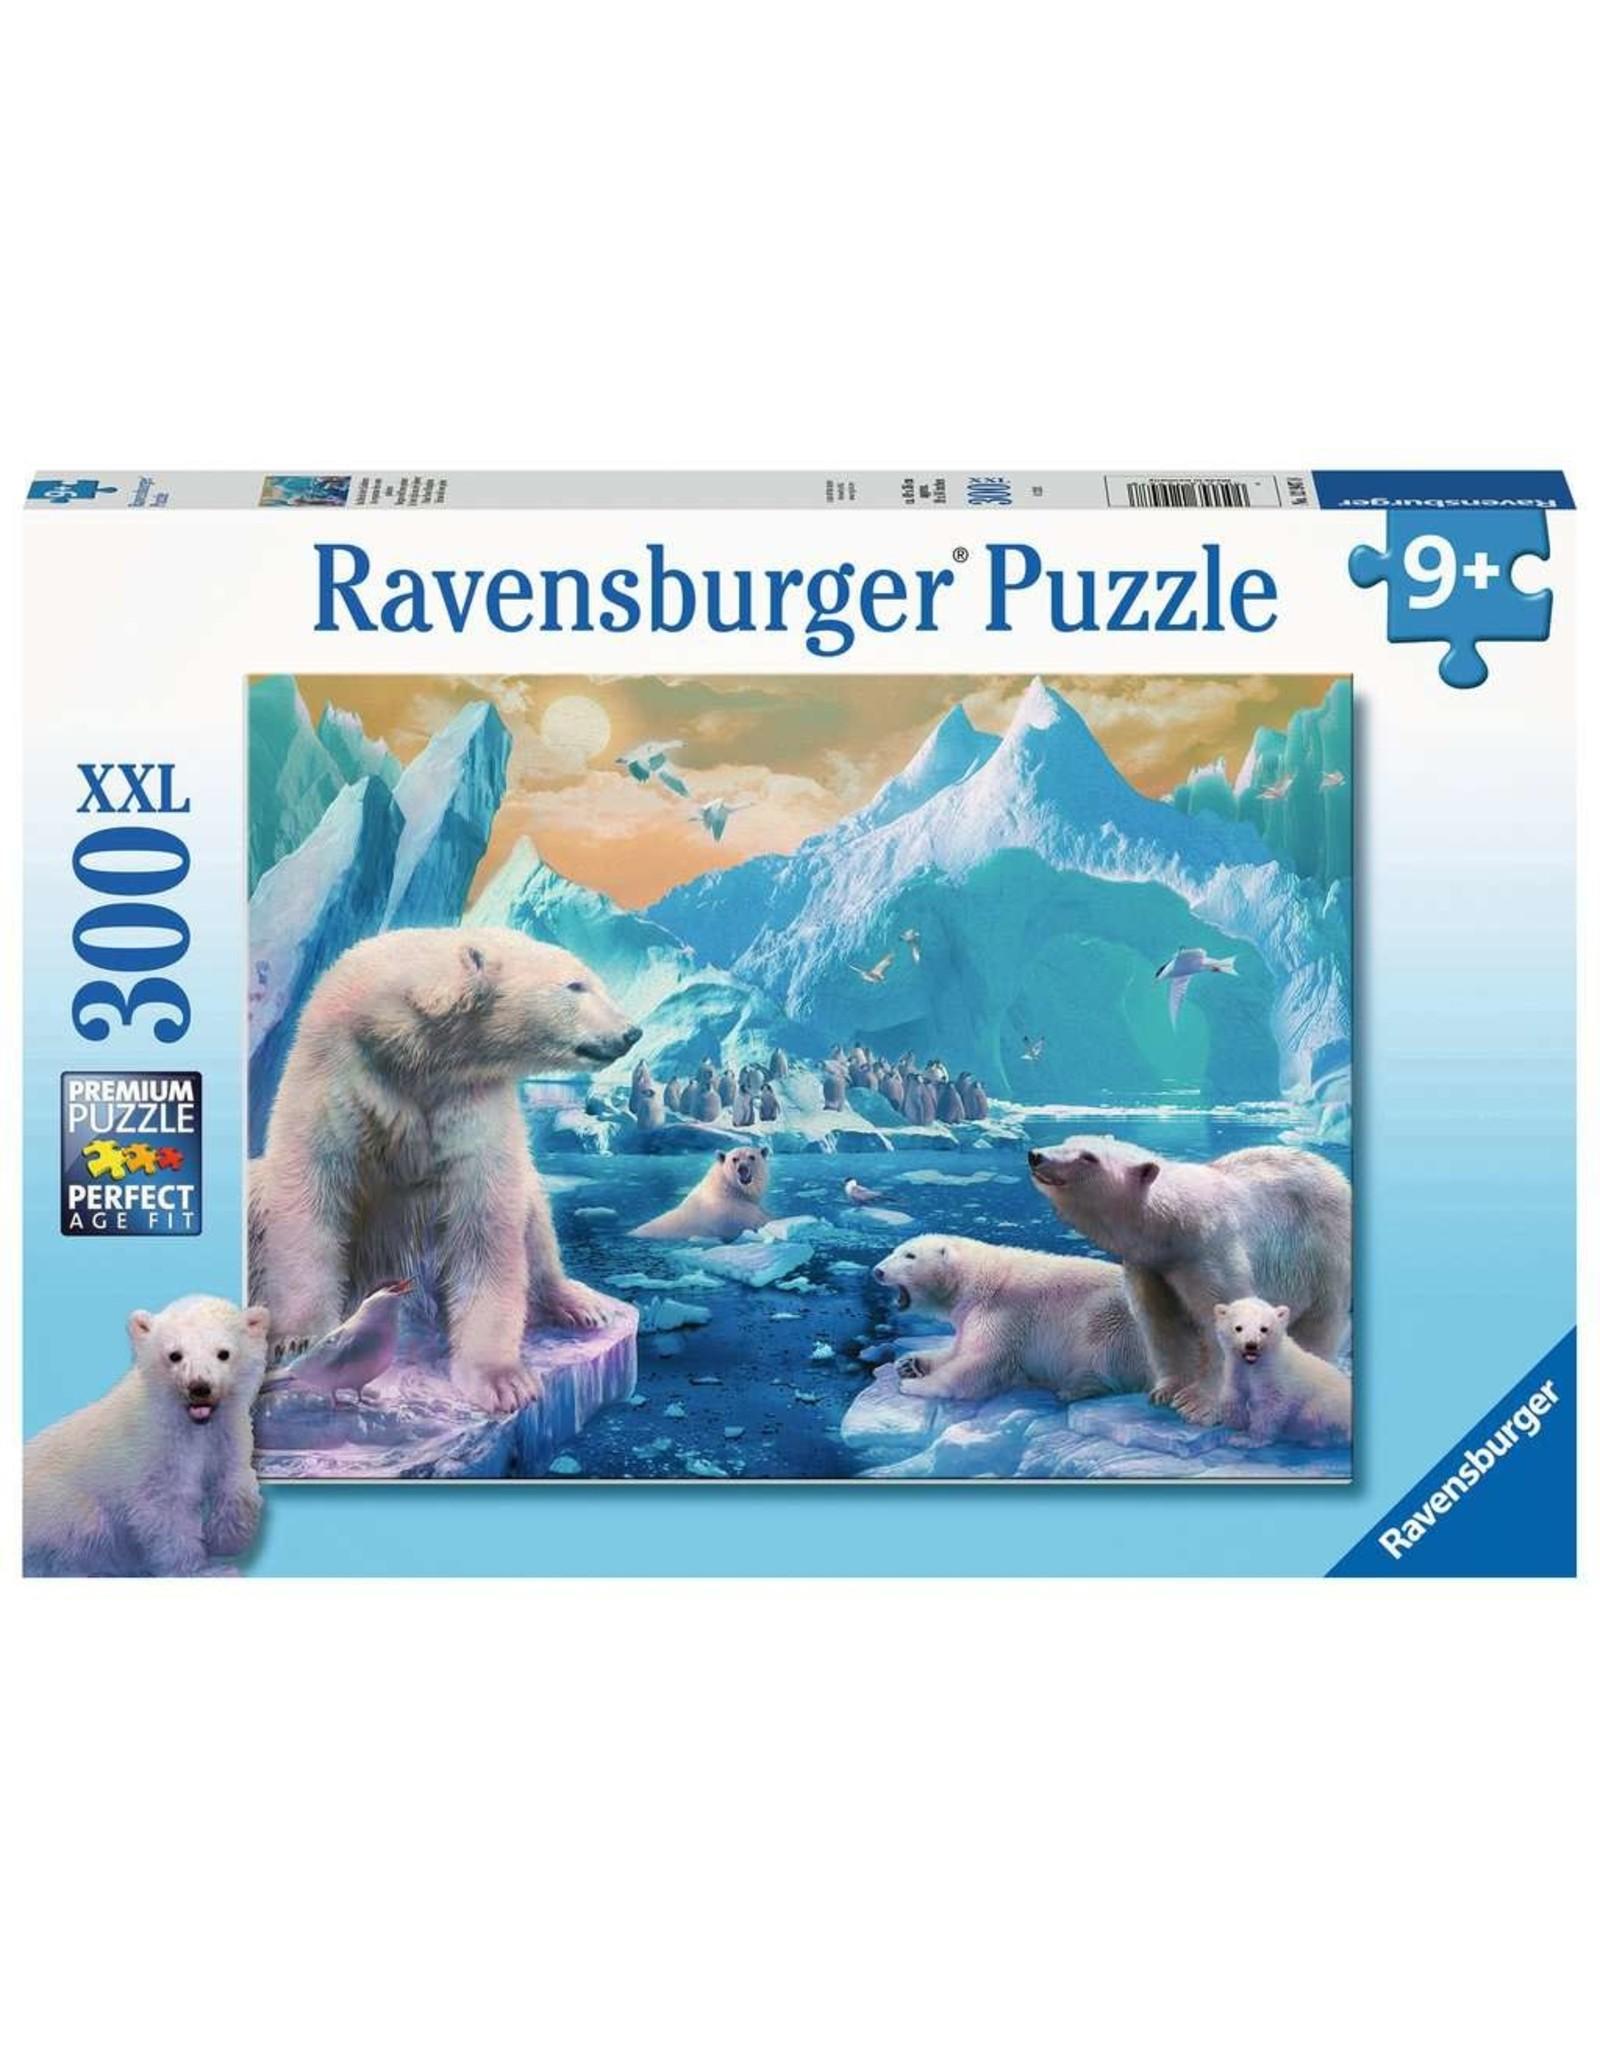 Ravensburger 300 pcs. Polar Bear Kingdom Puzzle